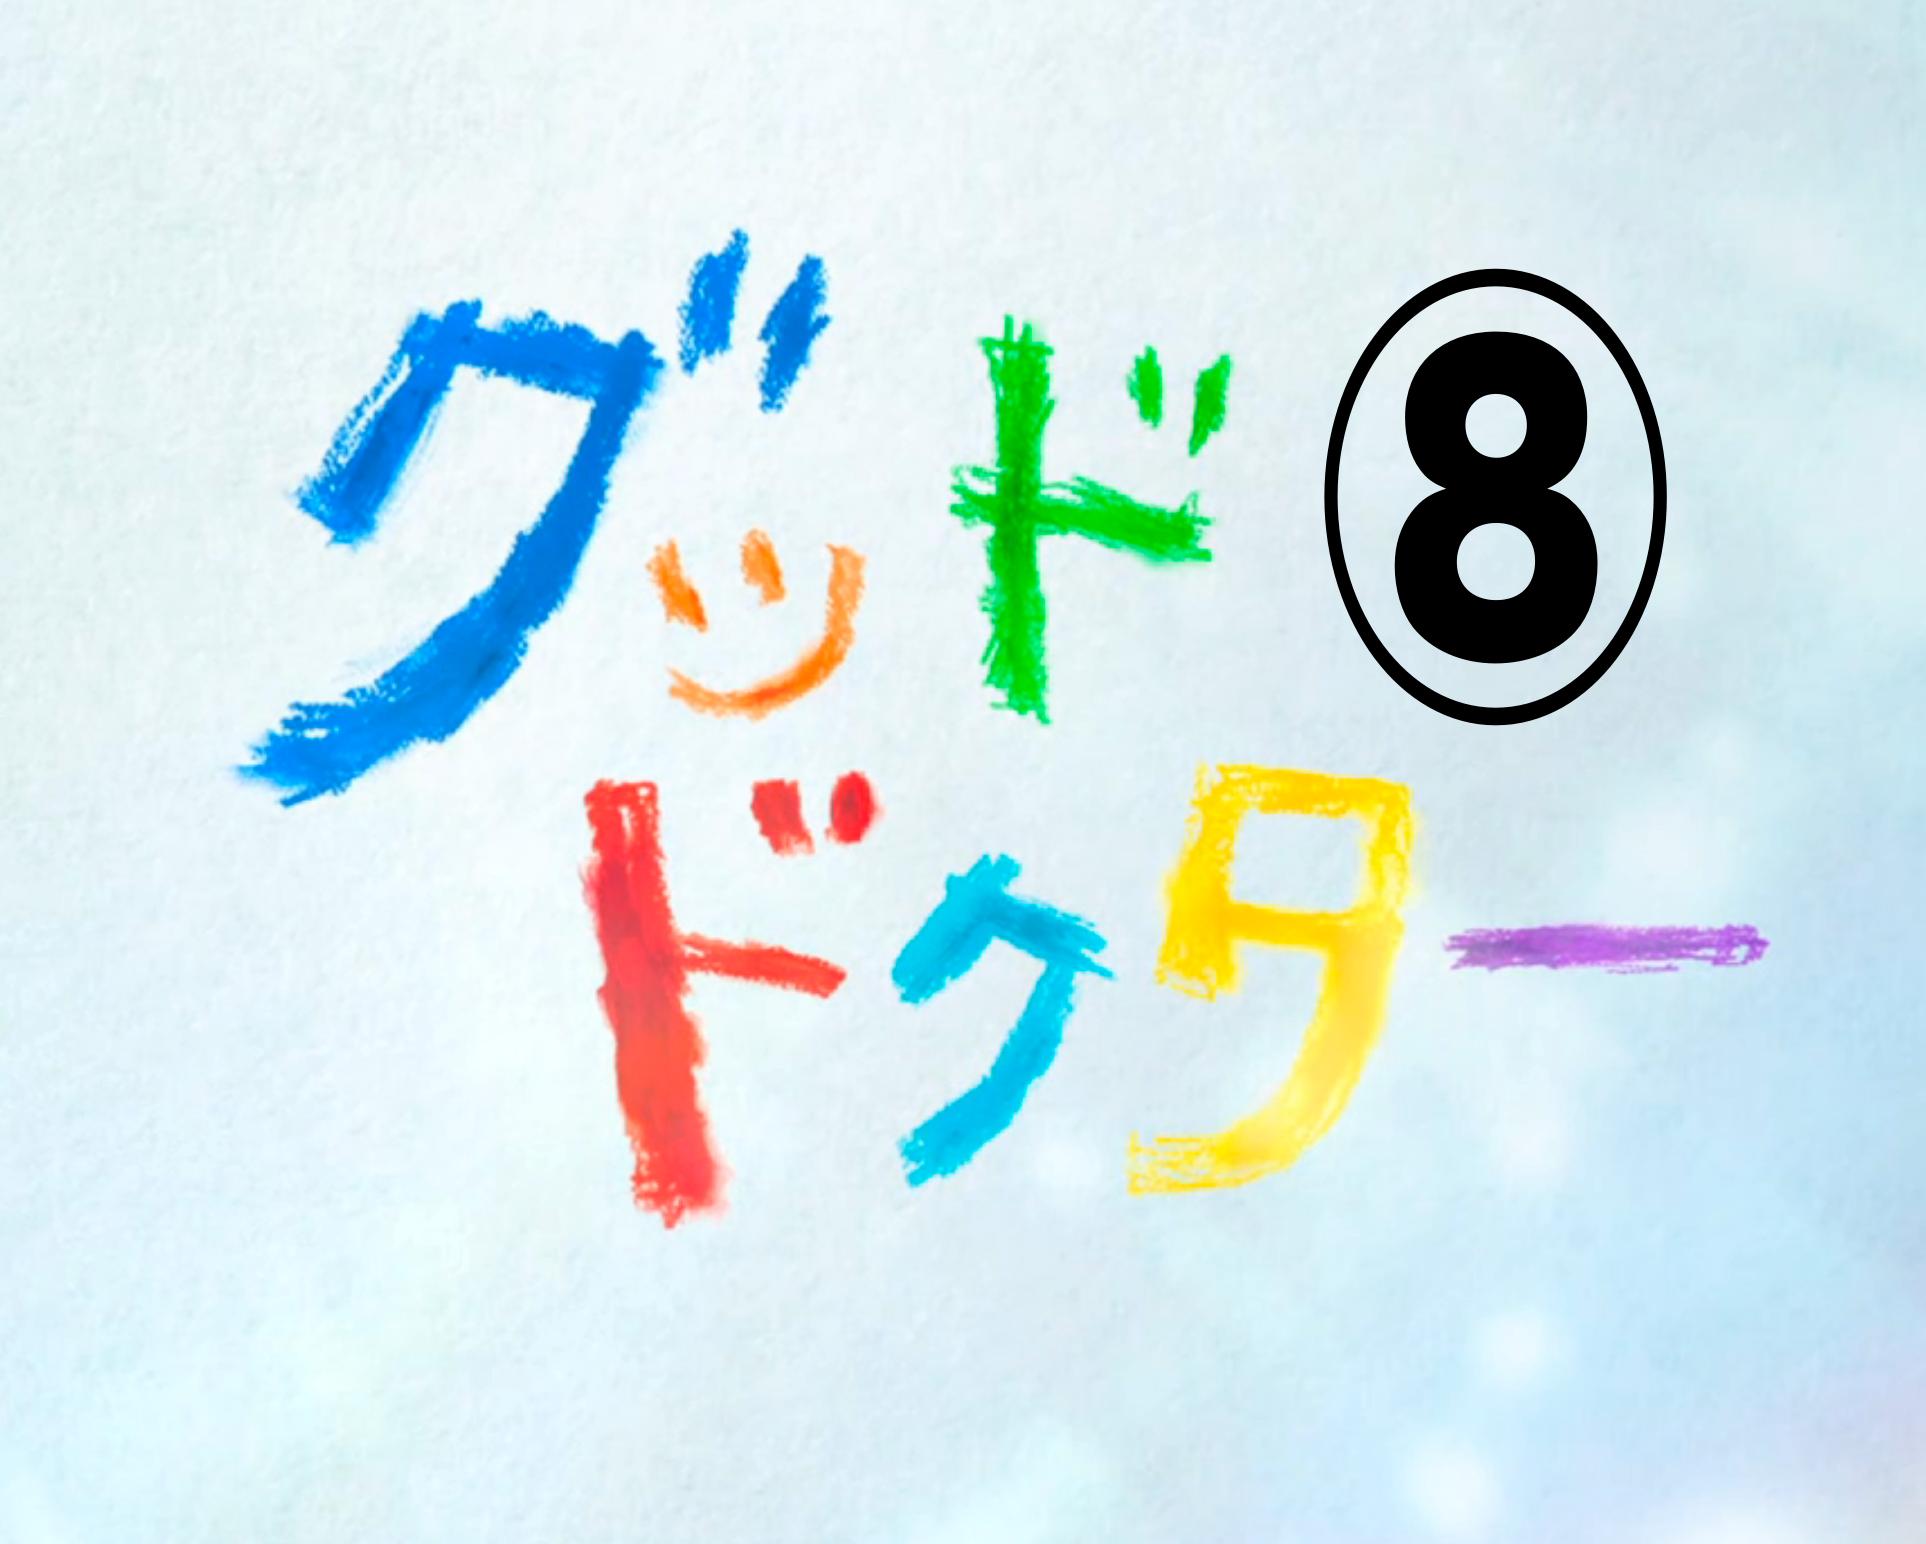 【ドラマ】グッド・ドクター【第8話】小さな子供が大病を患ったときに家族は?